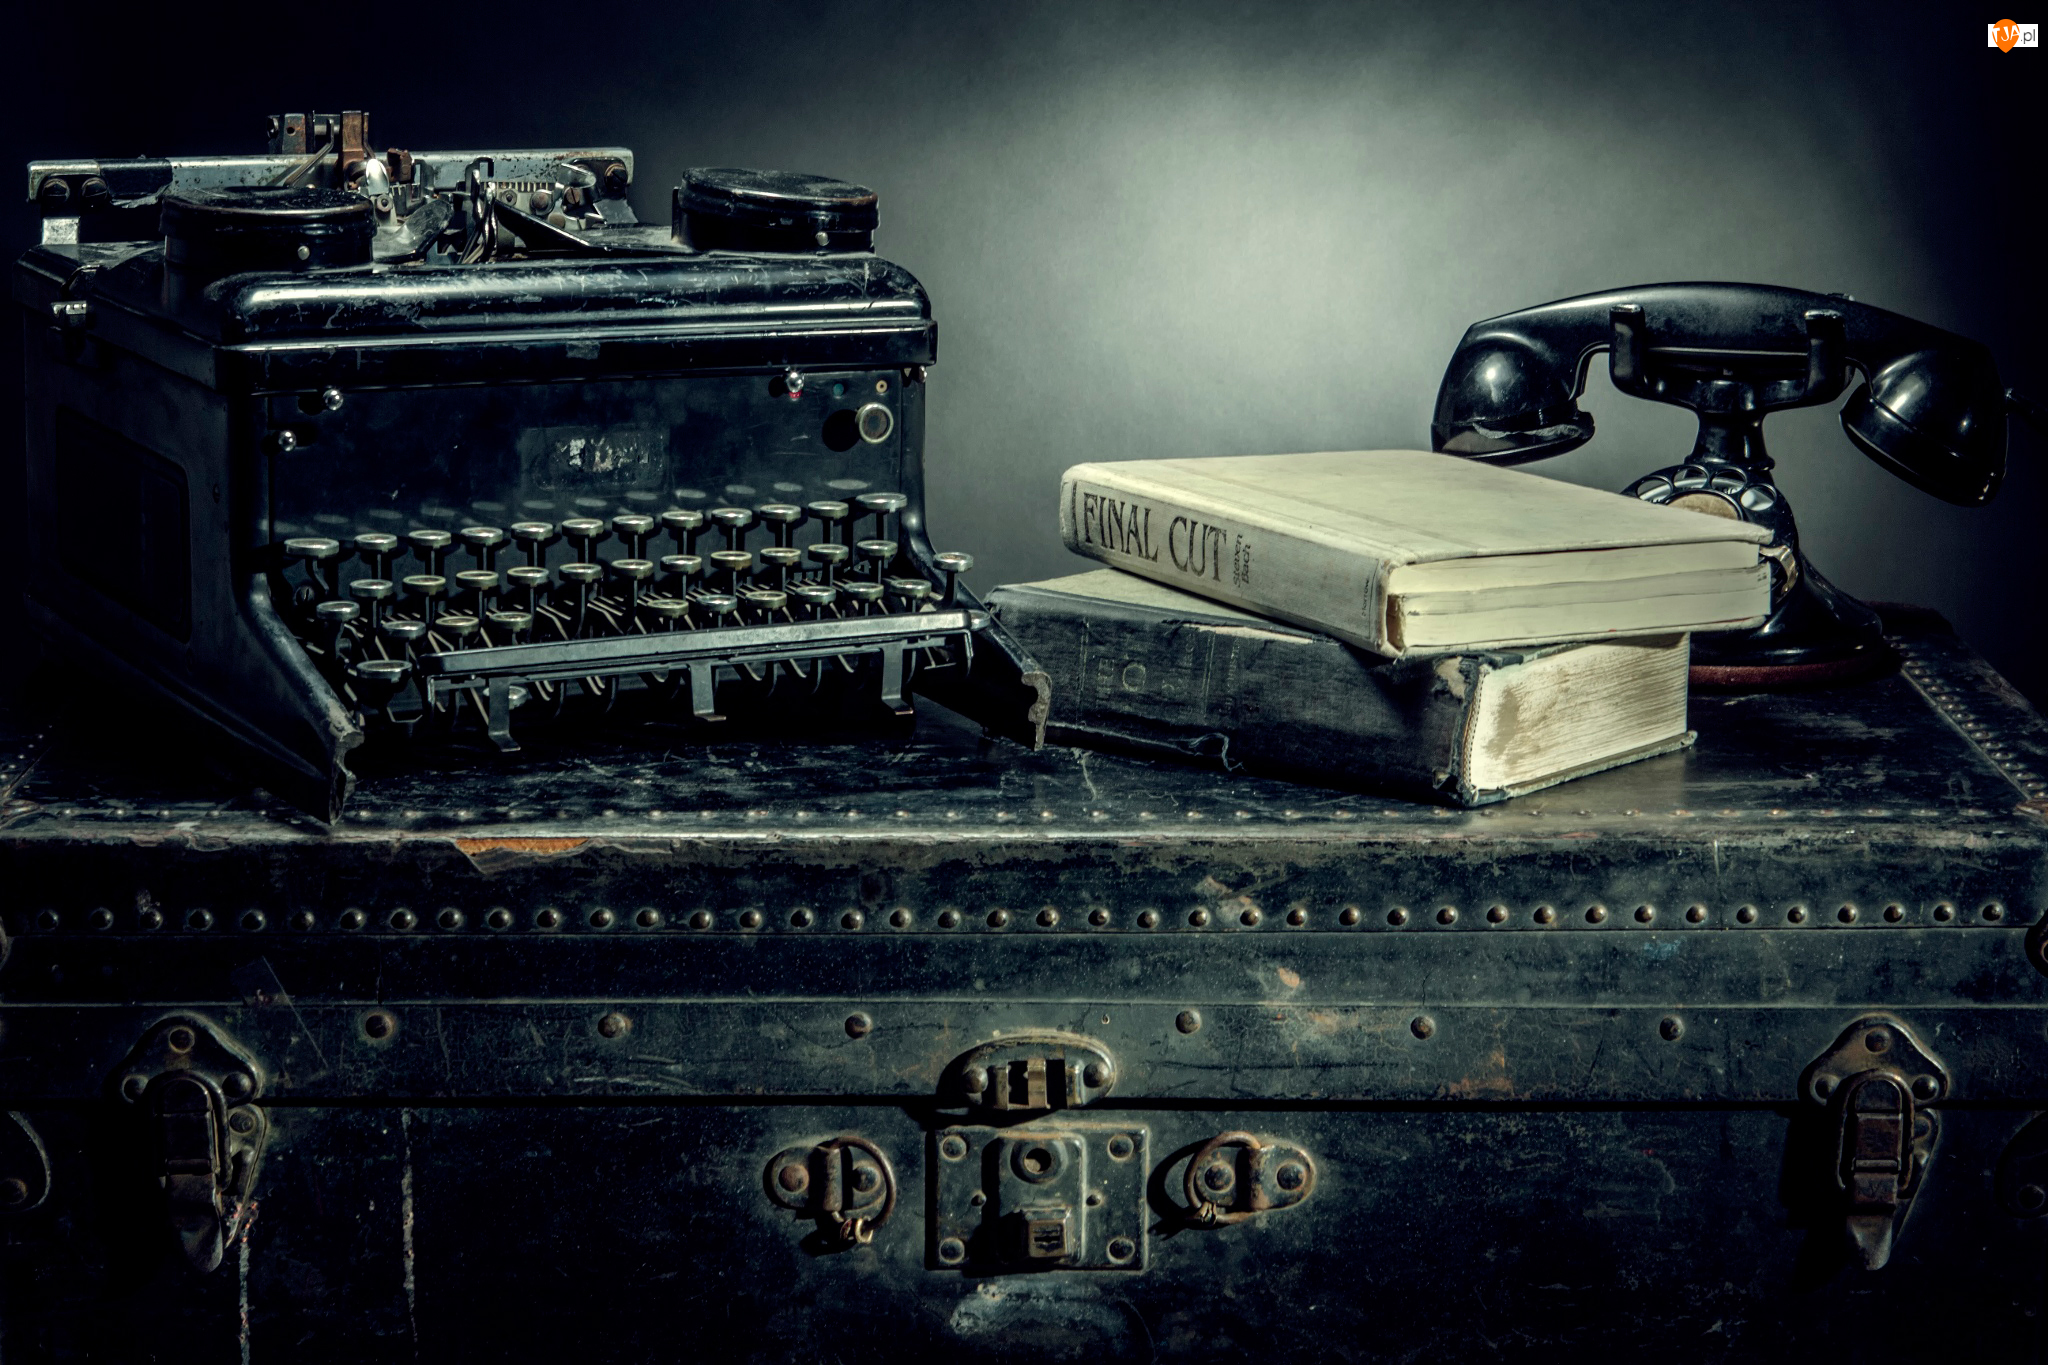 Antyki, Walizka, Telefon, Maszyna do pisania, Książki